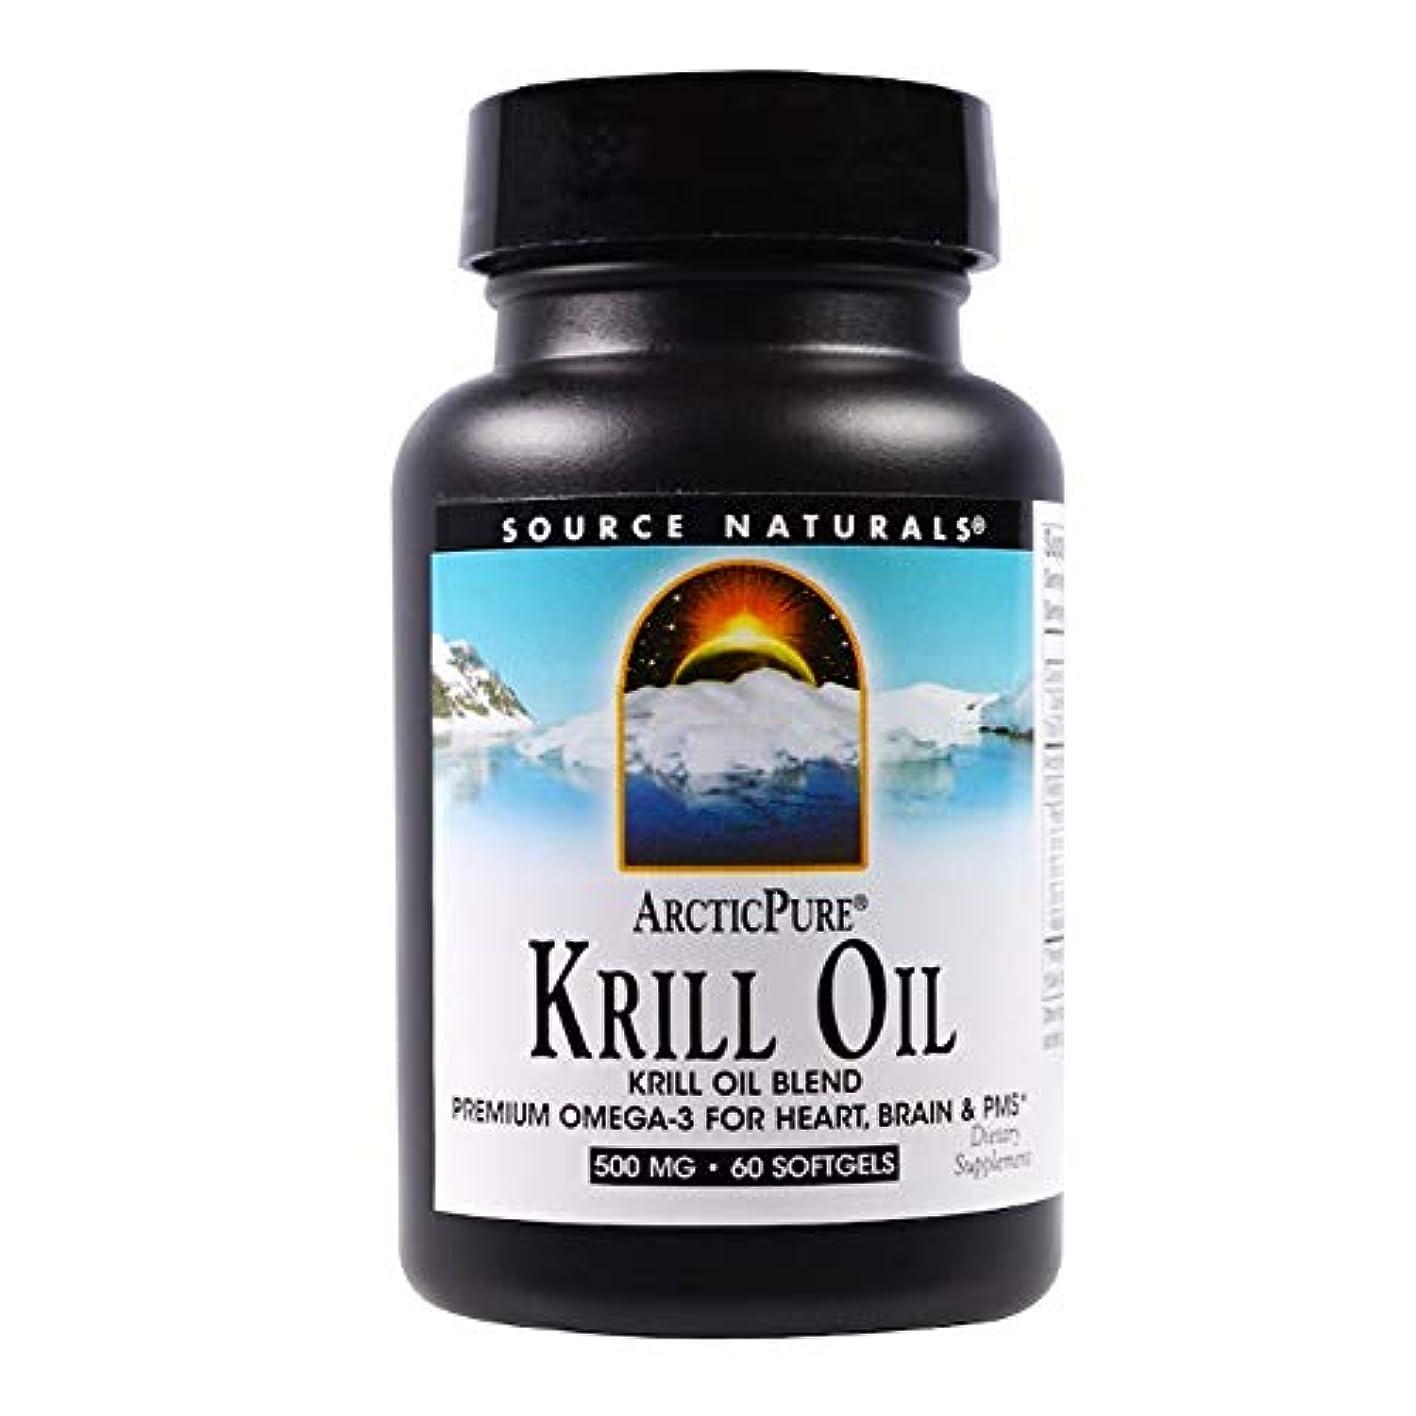 正確な比較的支援Source Naturals ArcticPure クリルオイル 500 mg 60ソフトカプセル 【アメリカ直送】